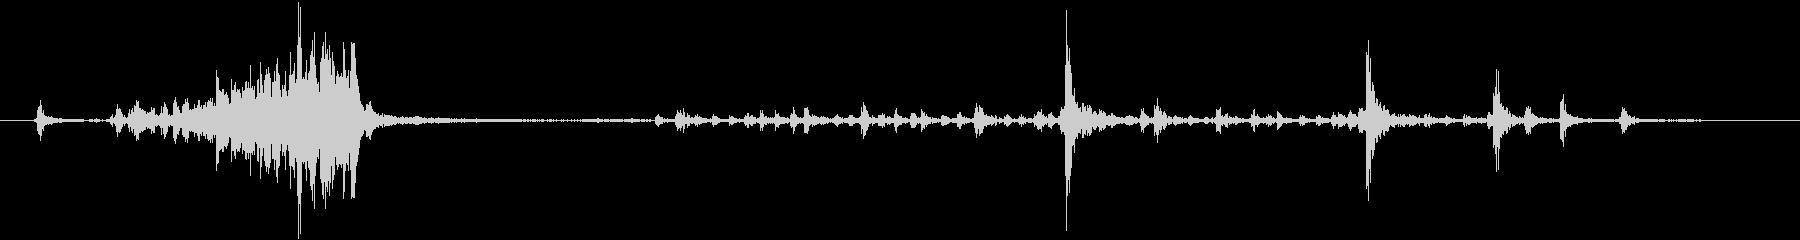 1950ロータリー電話:ダイヤル2...の未再生の波形